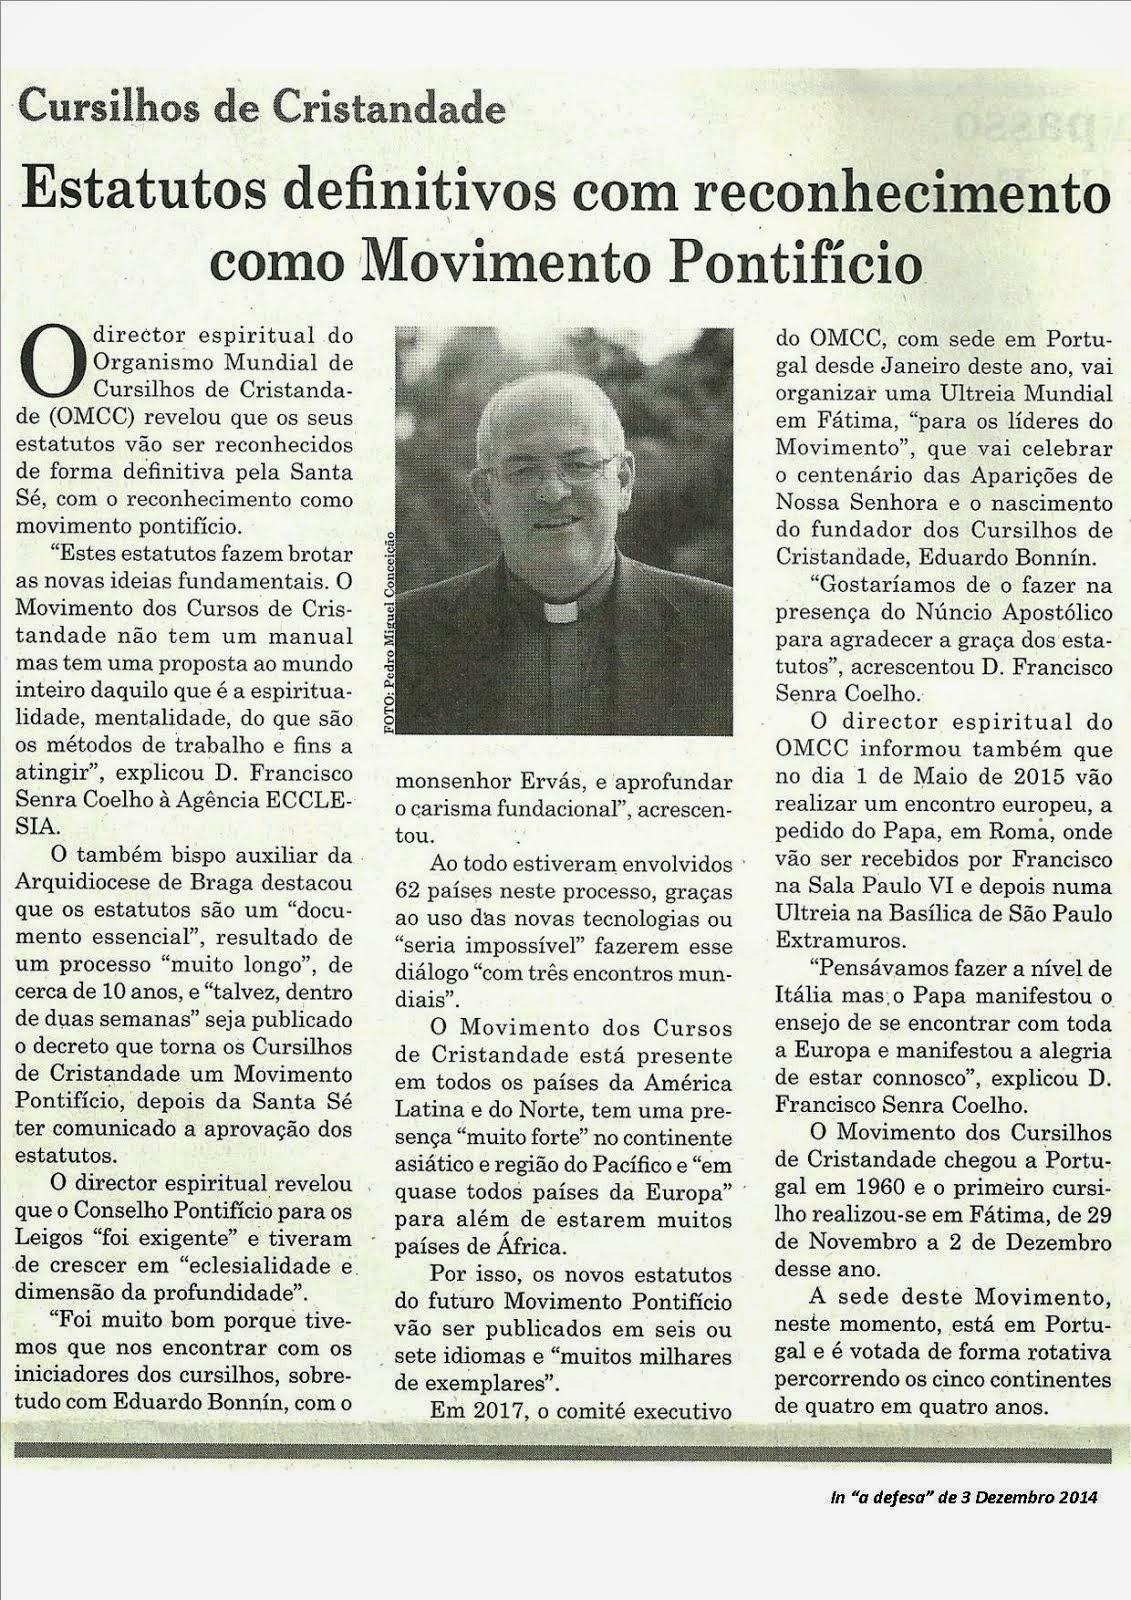 MCC - Movimento Pontifício